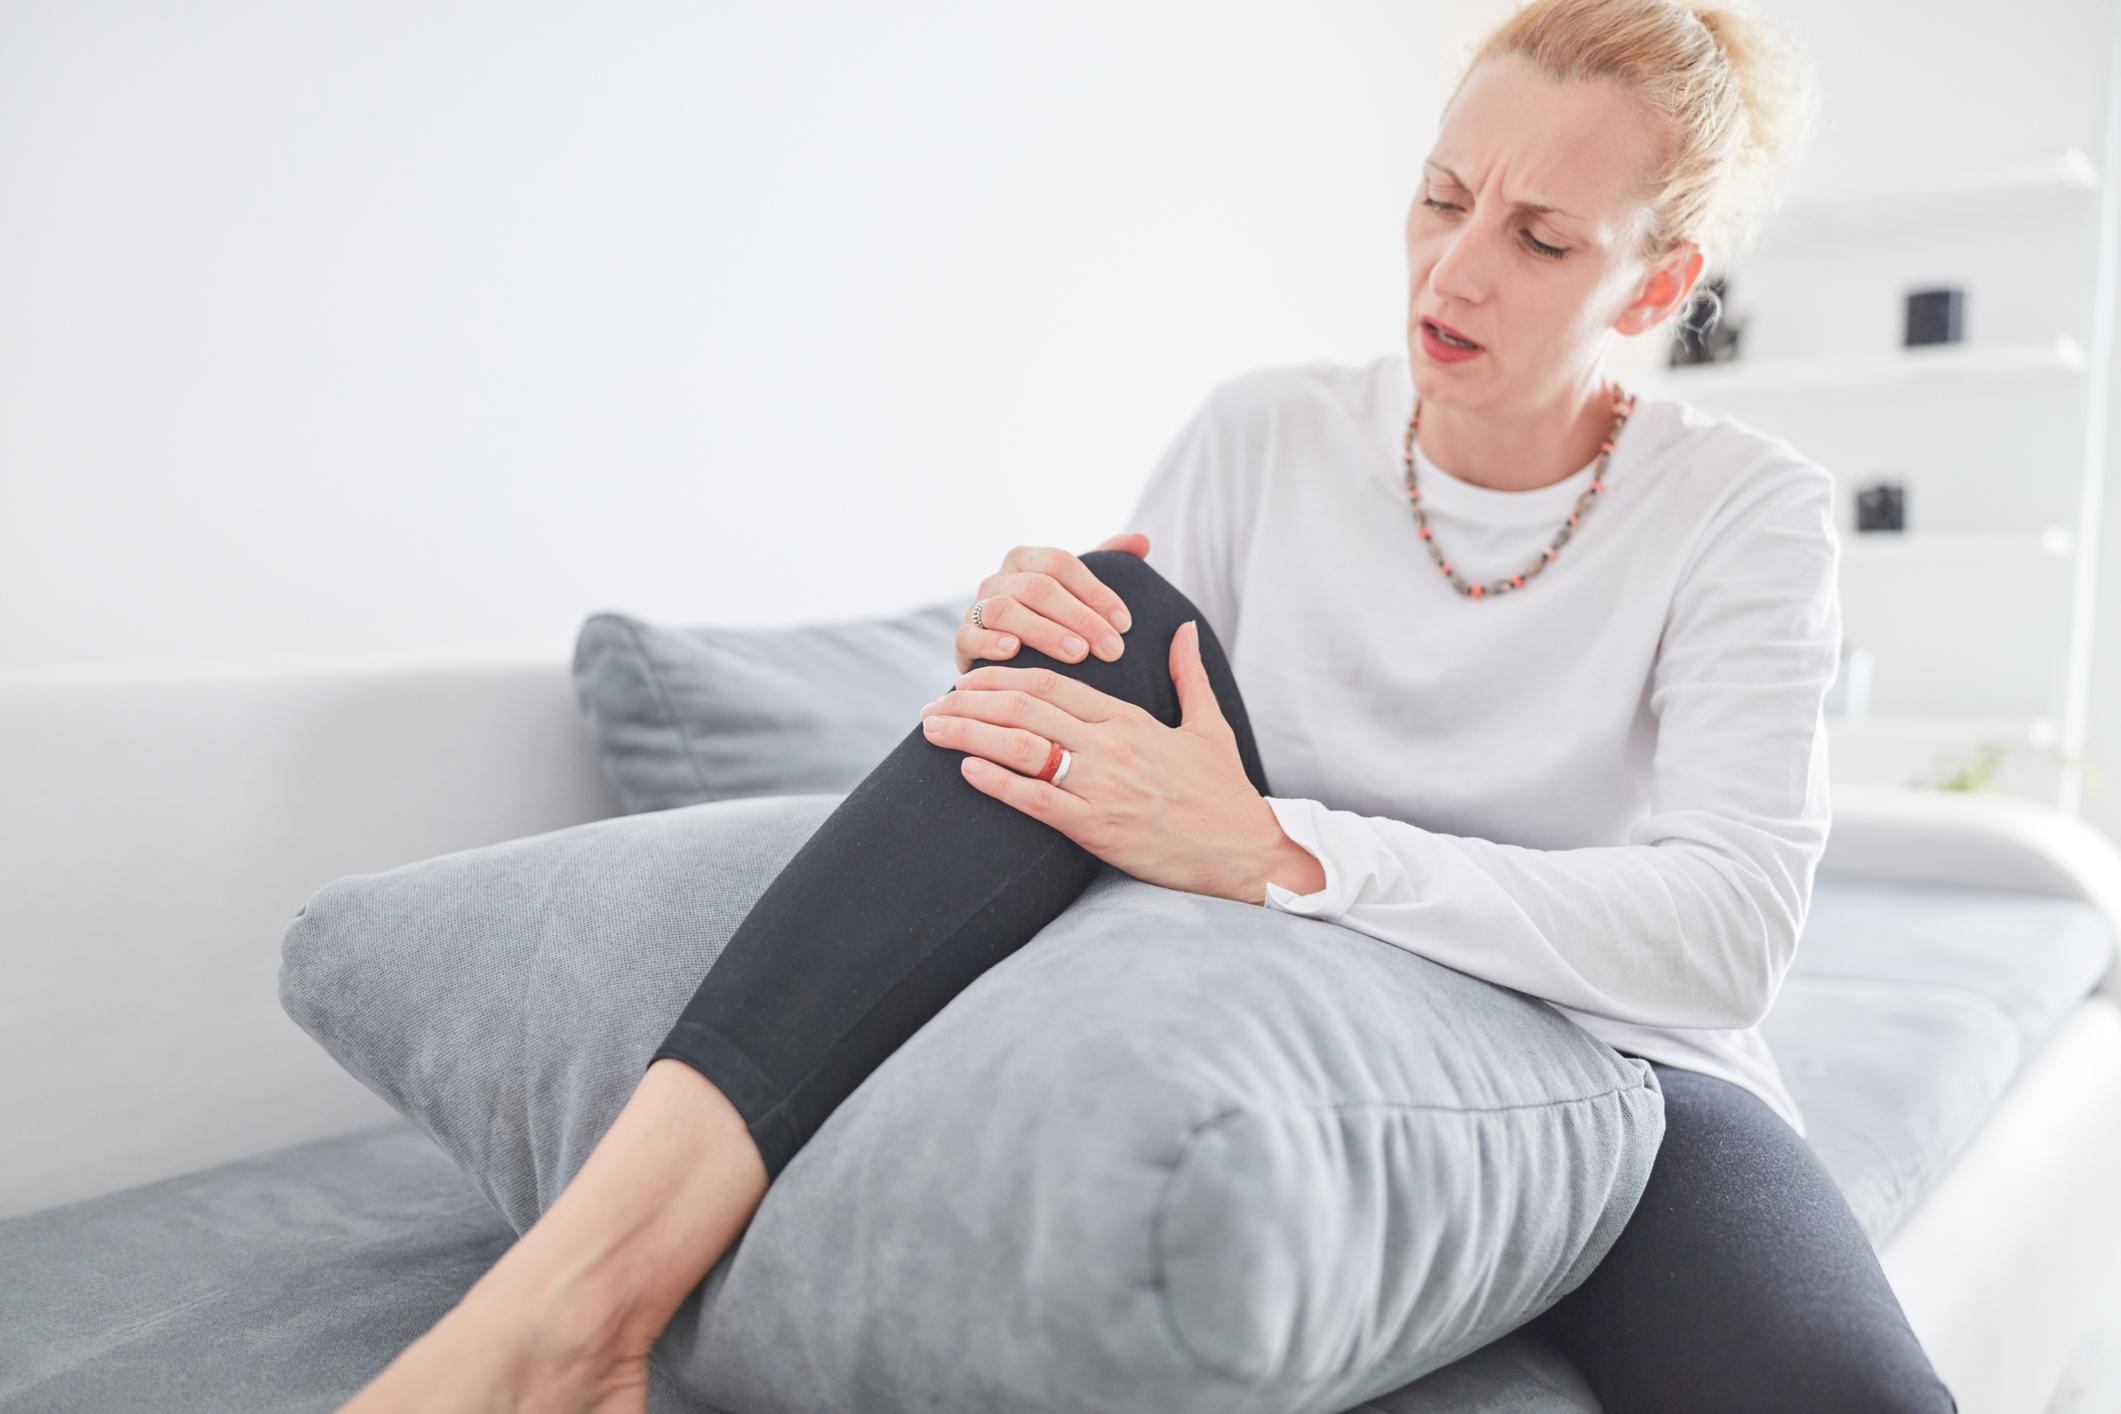 hogyan lehet tudni, hogy magas vérnyomásom van-e enyhíti a görcsöt magas vérnyomással